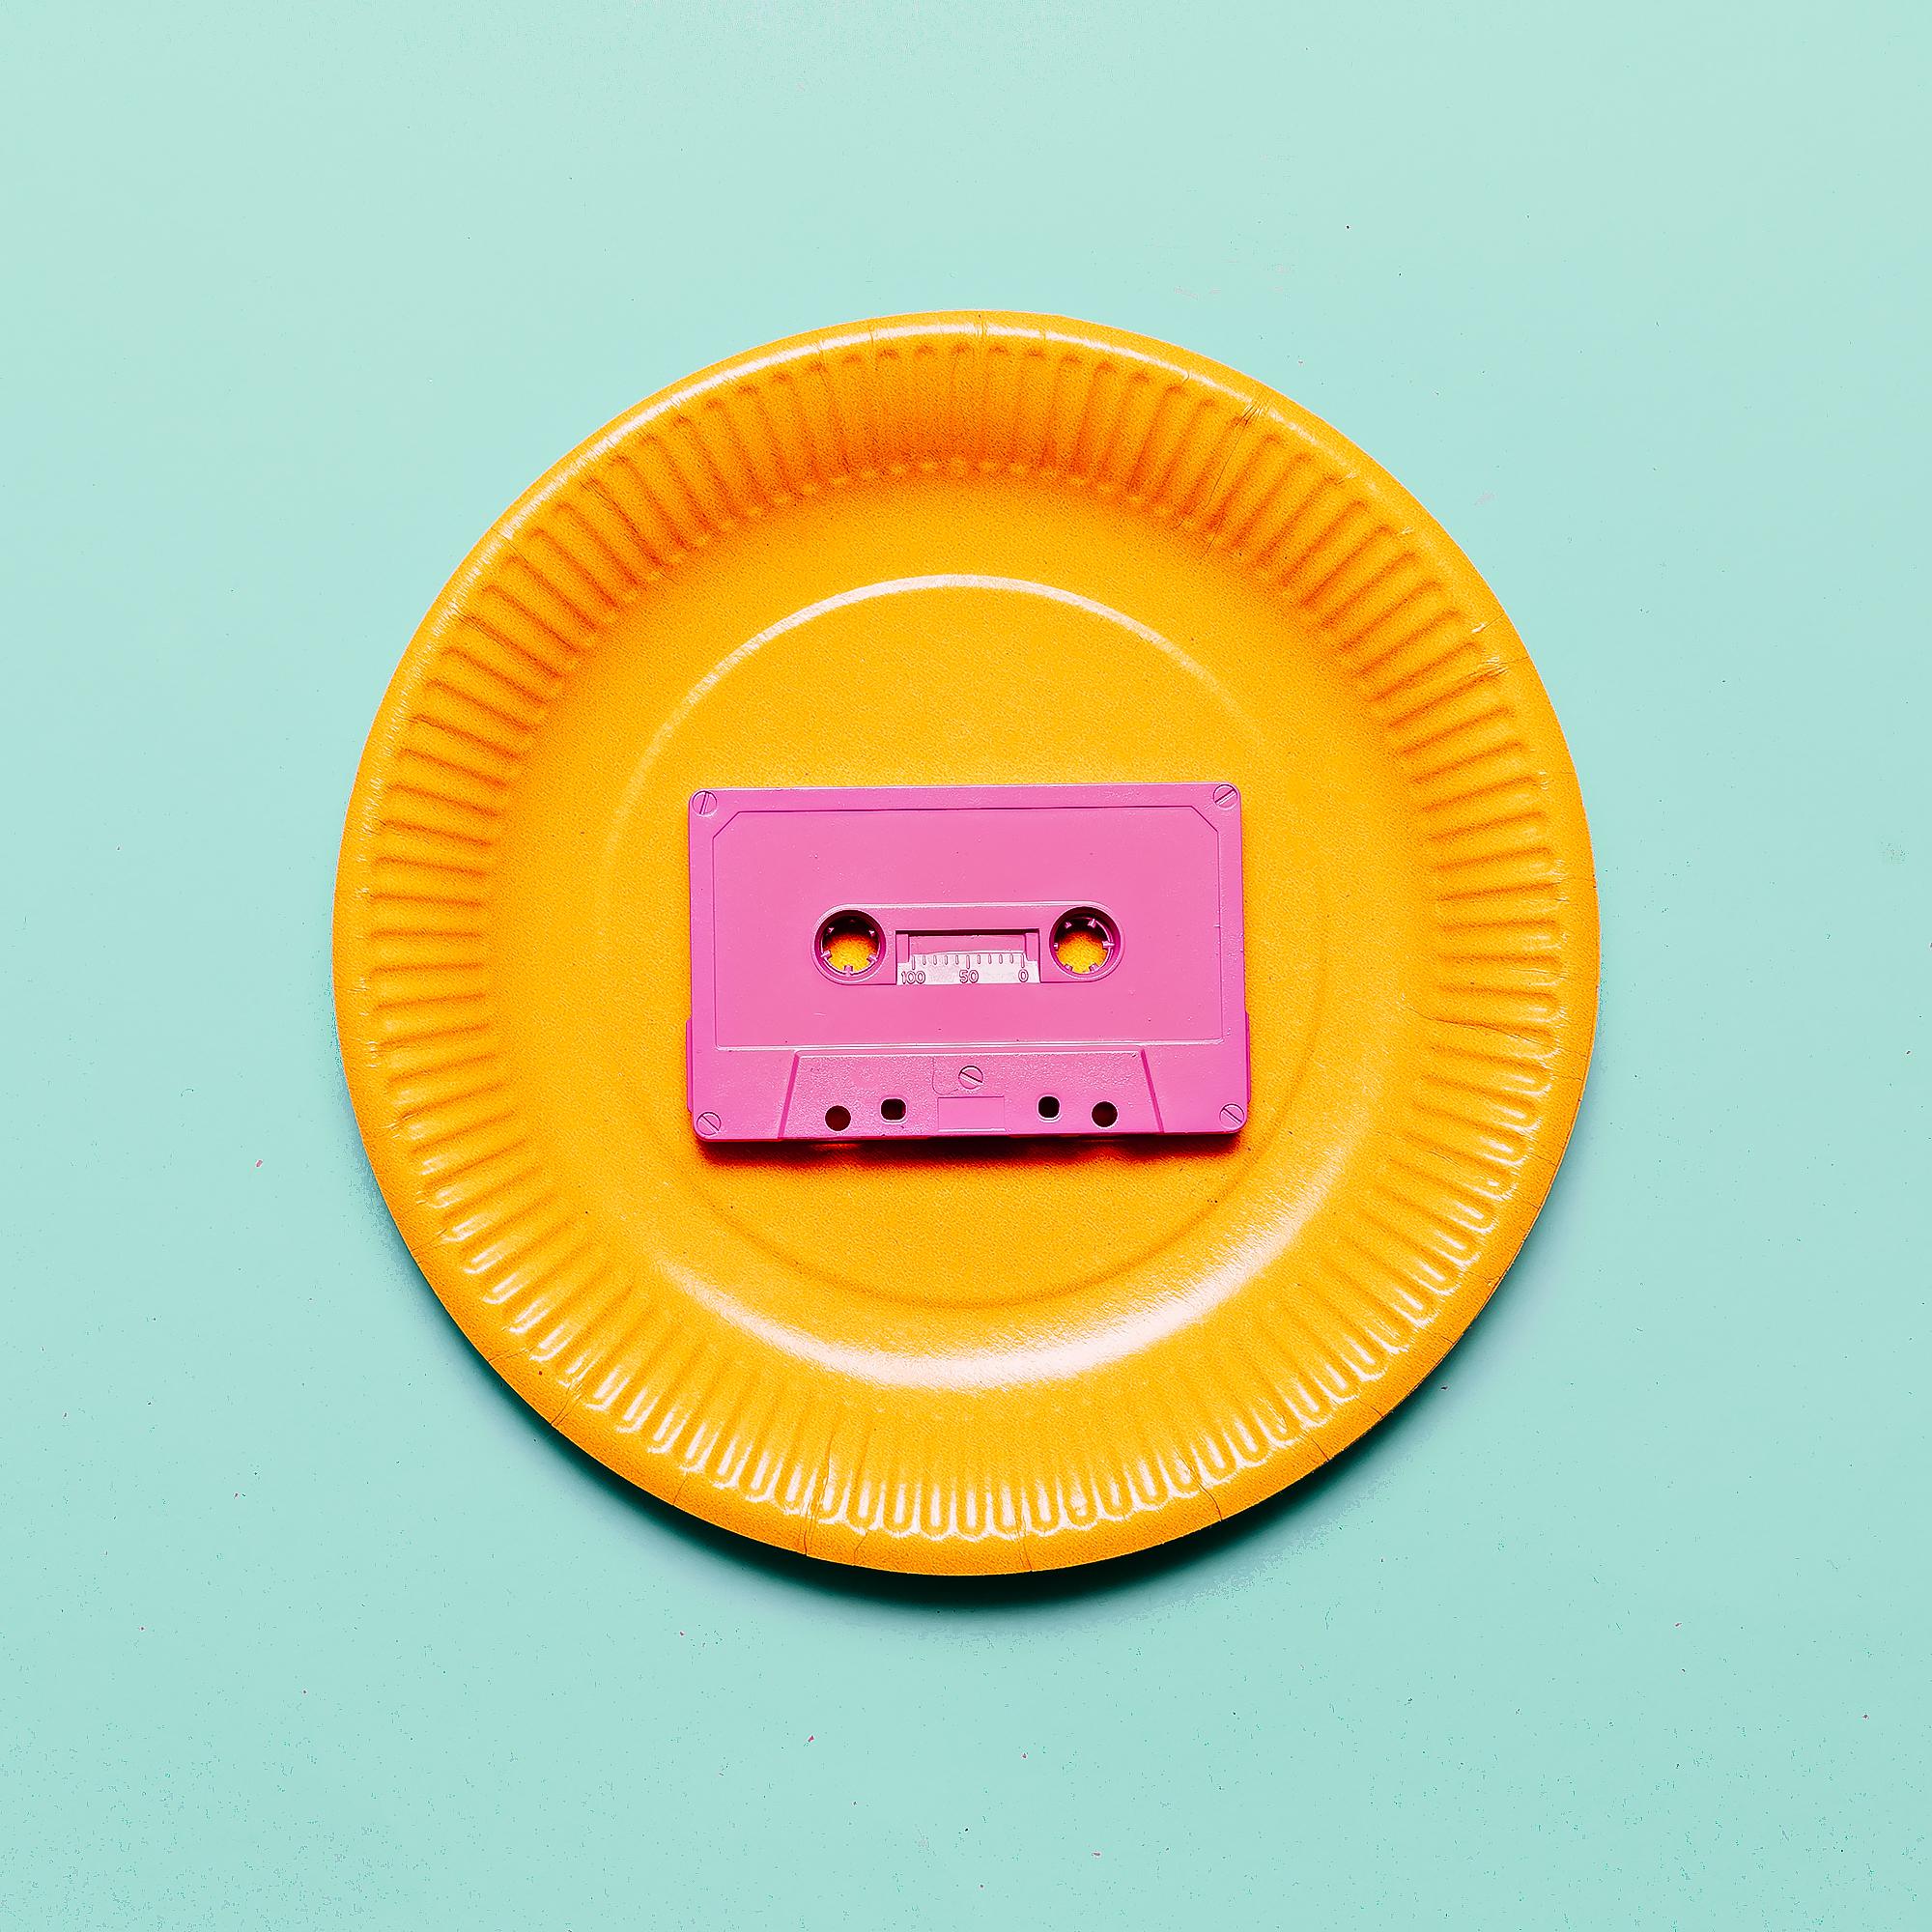 musicassetta appoggiata sopra ad un patto di plastica